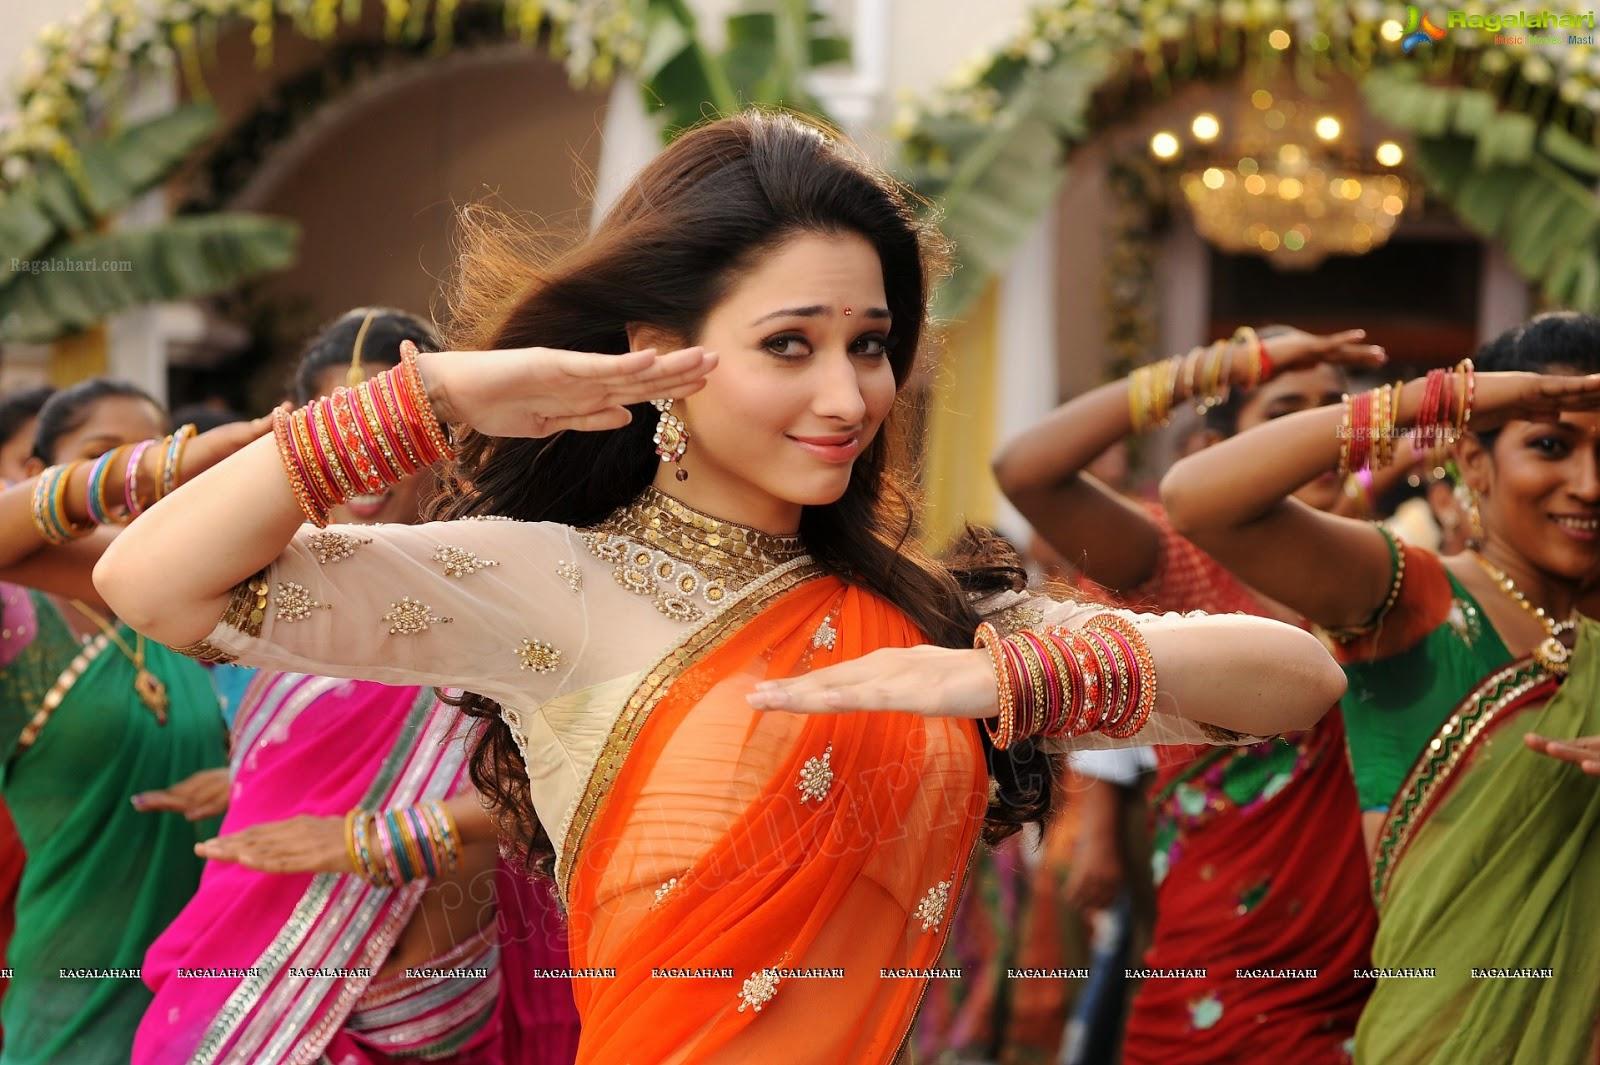 Tamanna Bhatia In Saree: Indian Garam Masala: Tamanna Bhatia Orange Half Saree Hot